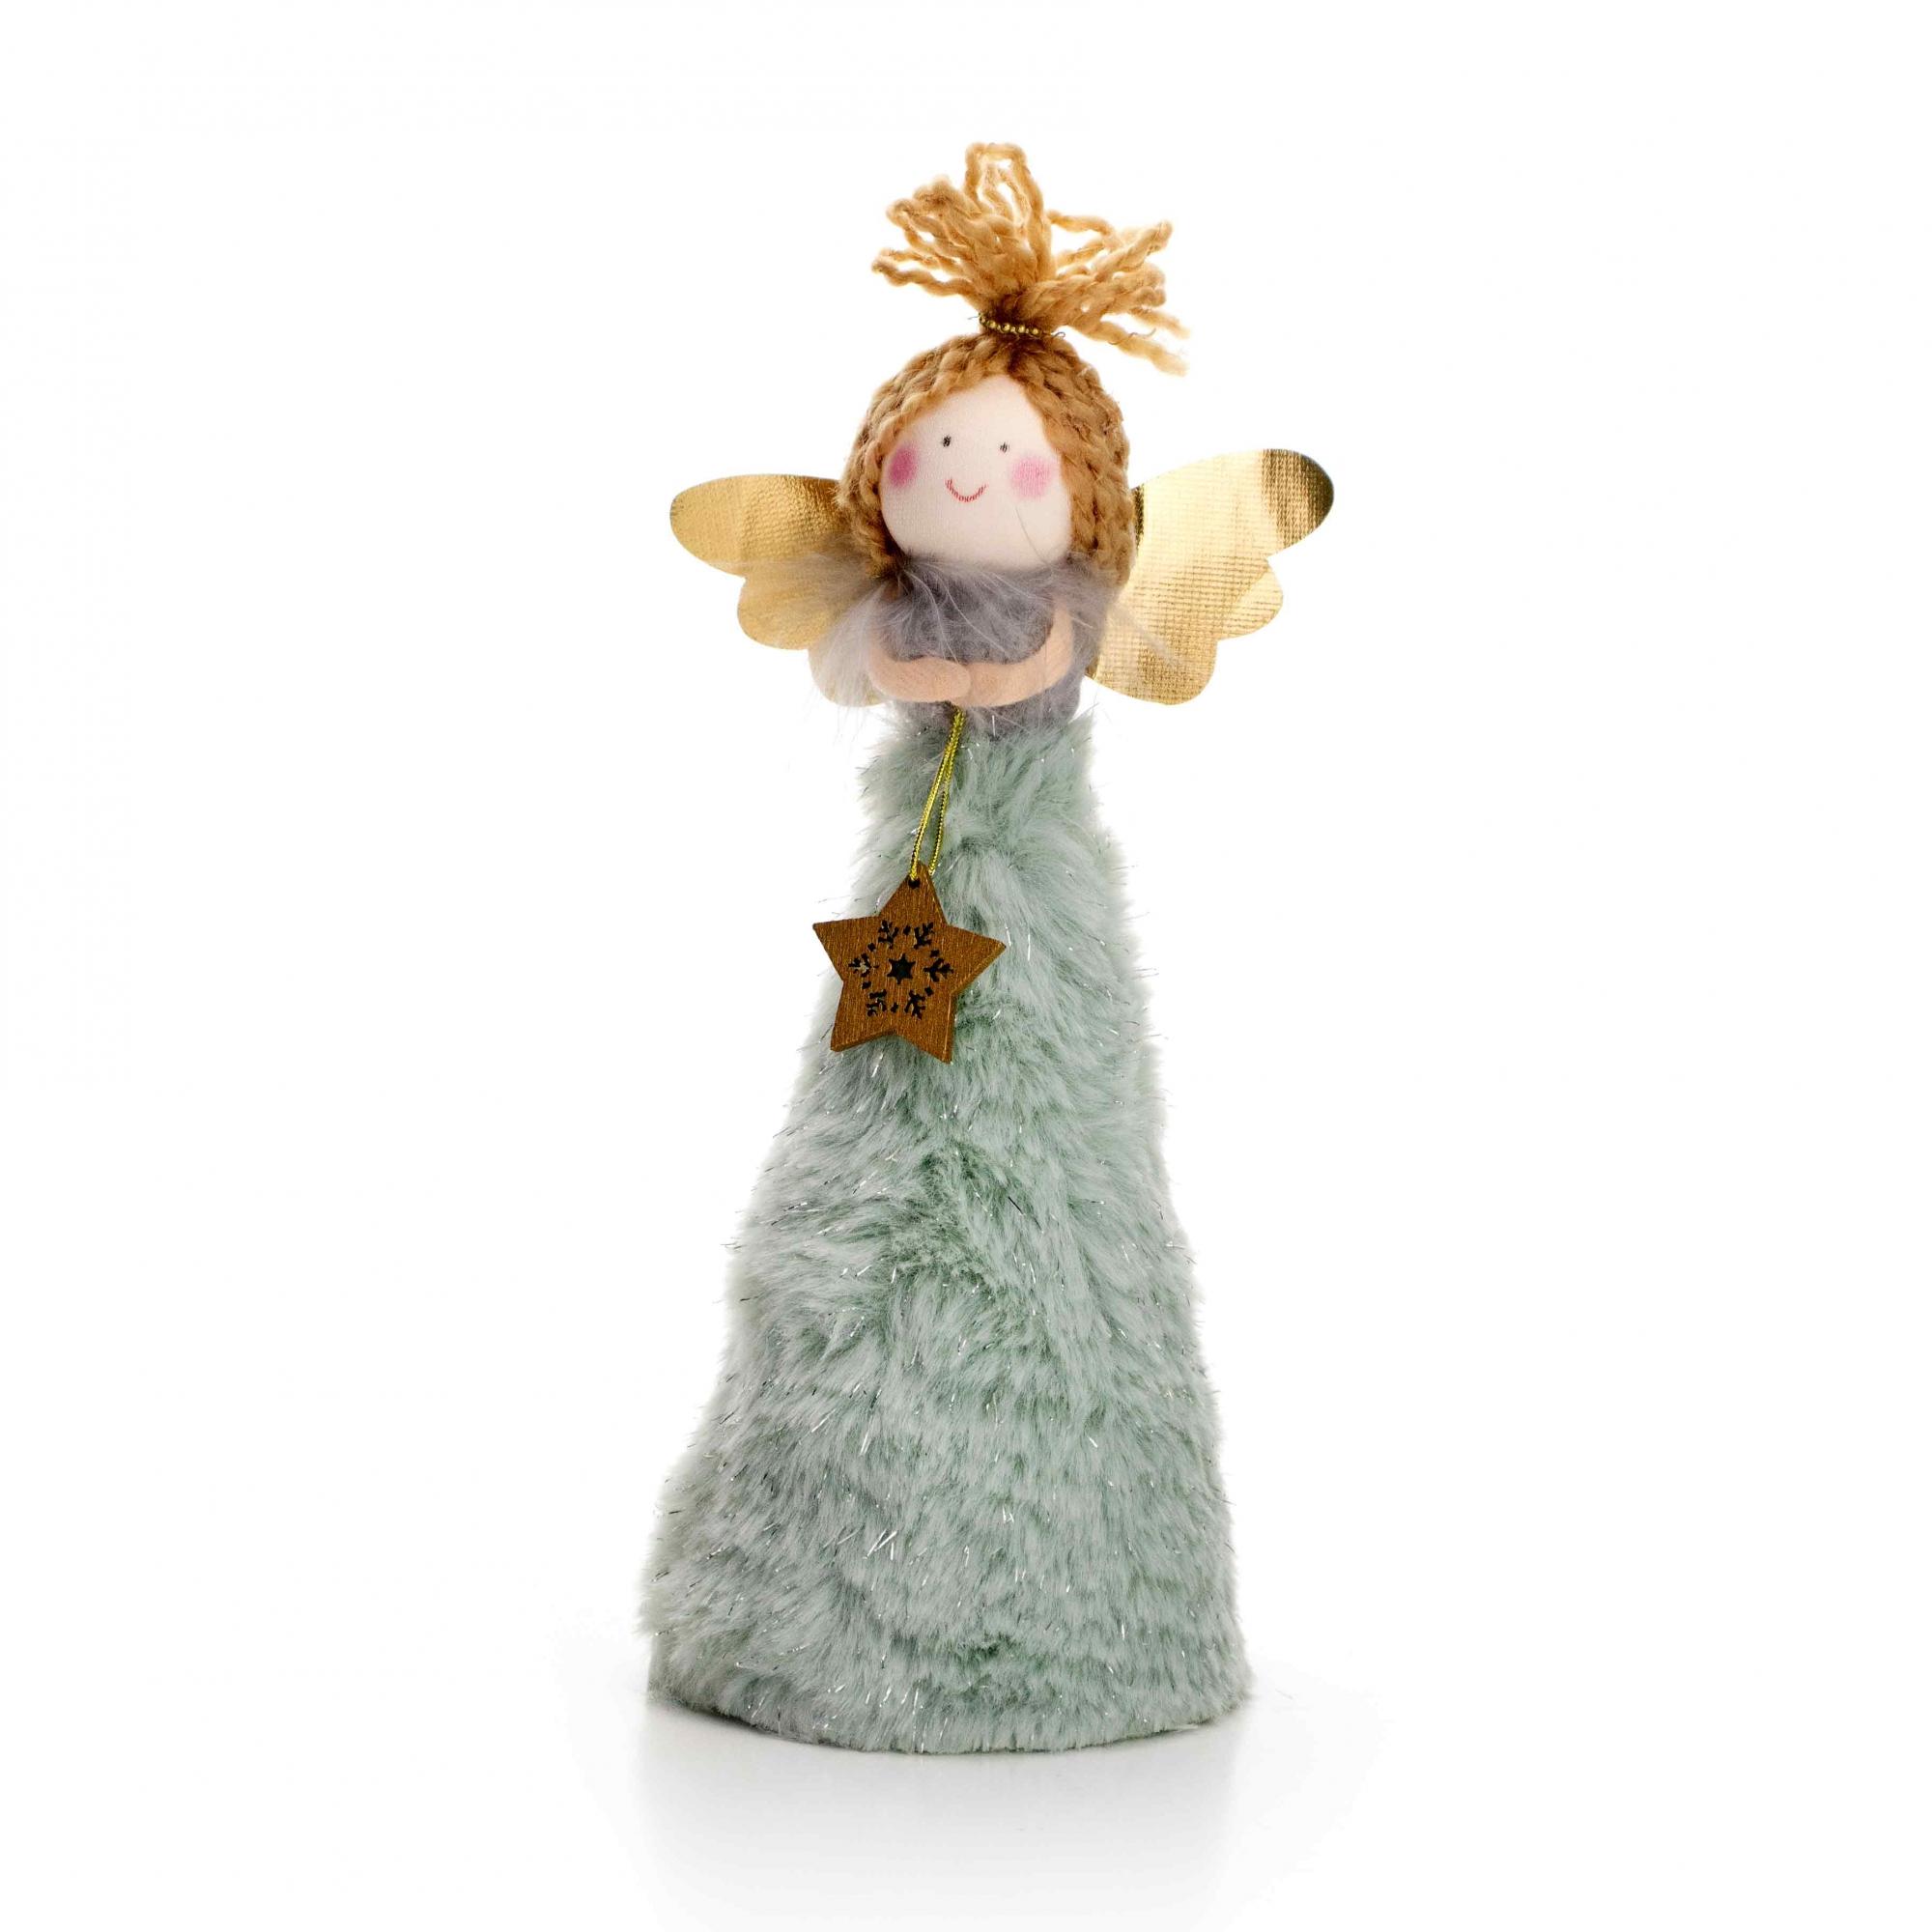 Boneco de Natal Anjo Verde e Dourado 20 cm - D'Rossi